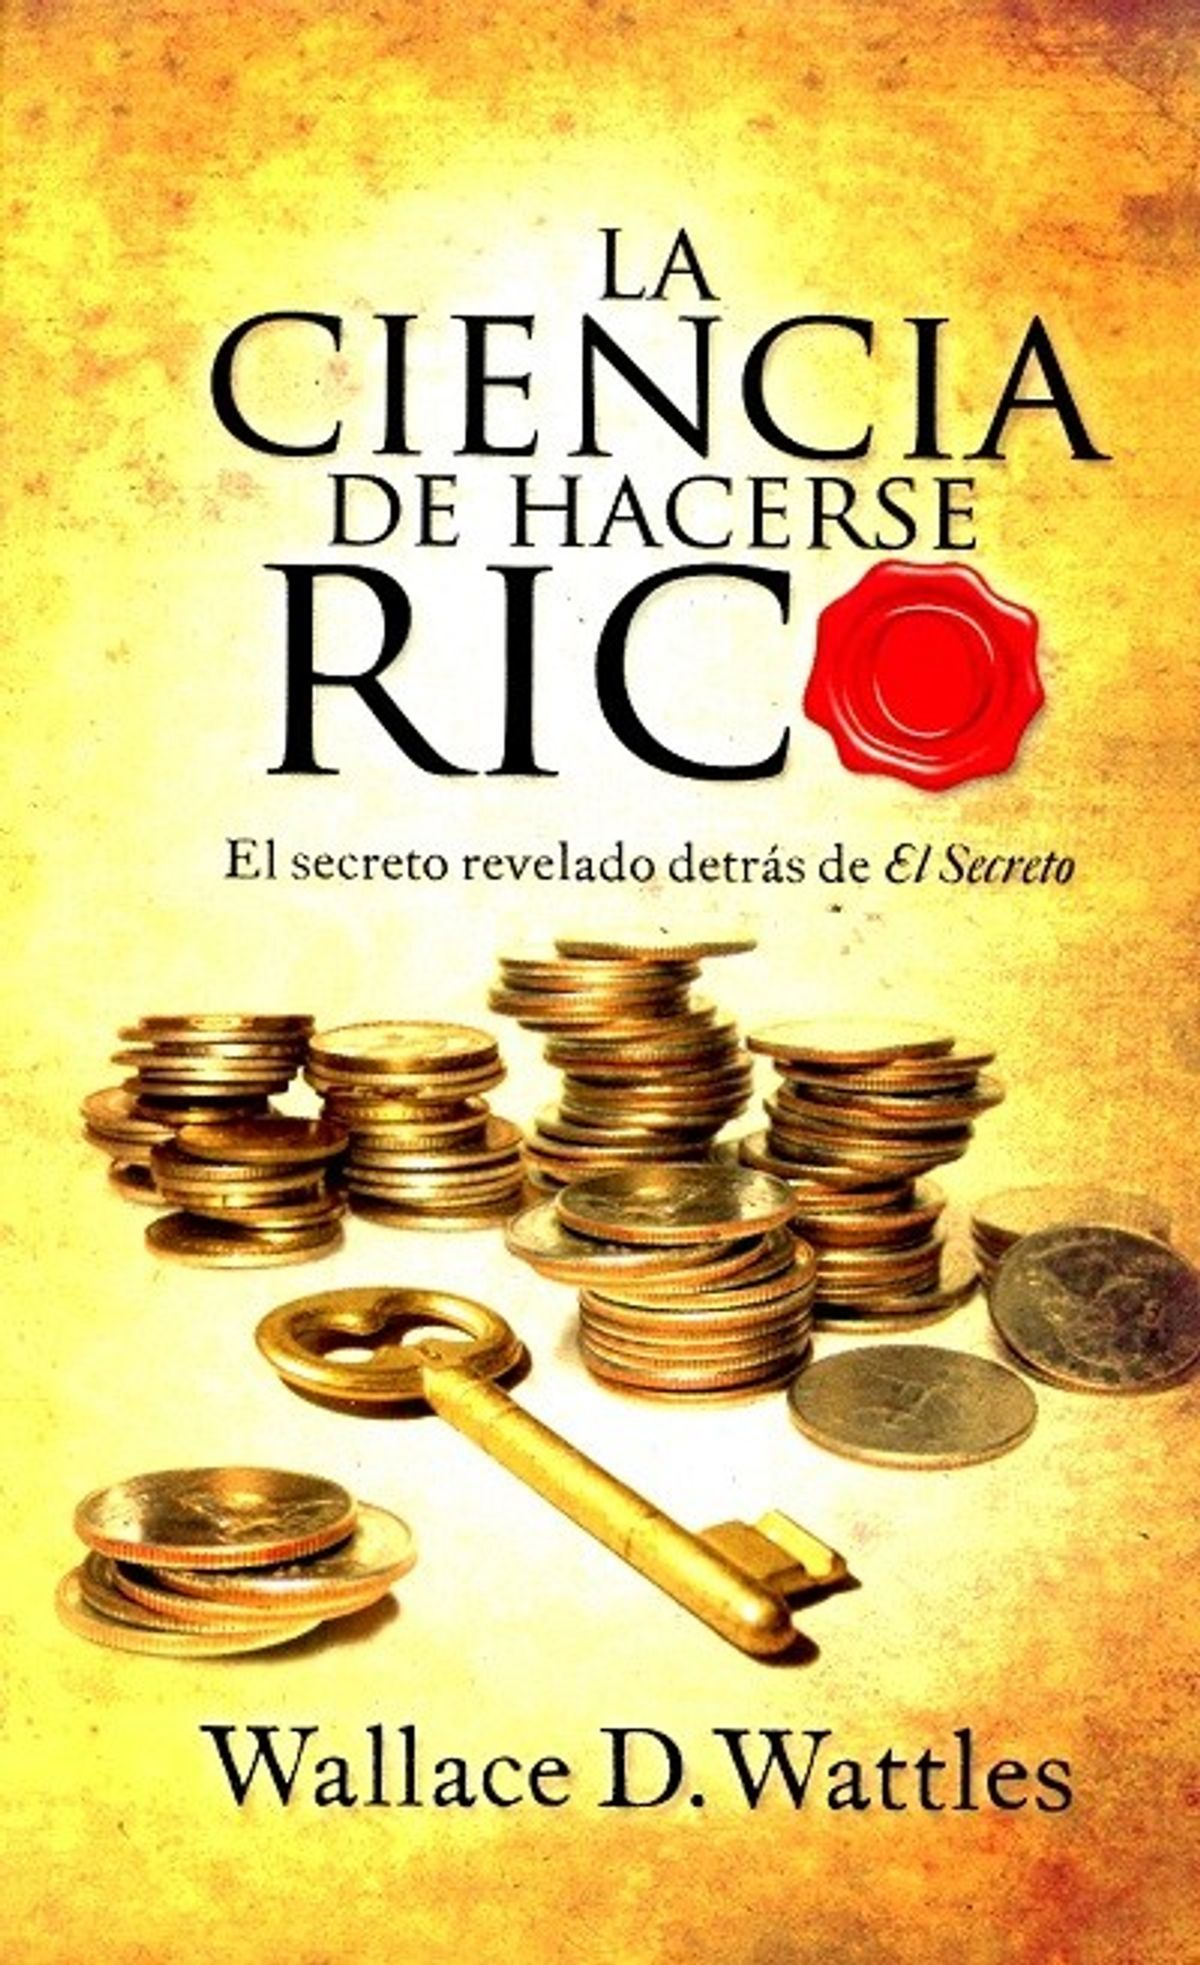 LIBRO LA CIENCIA DE HACERSE RICO WALLACE D. WATTLES